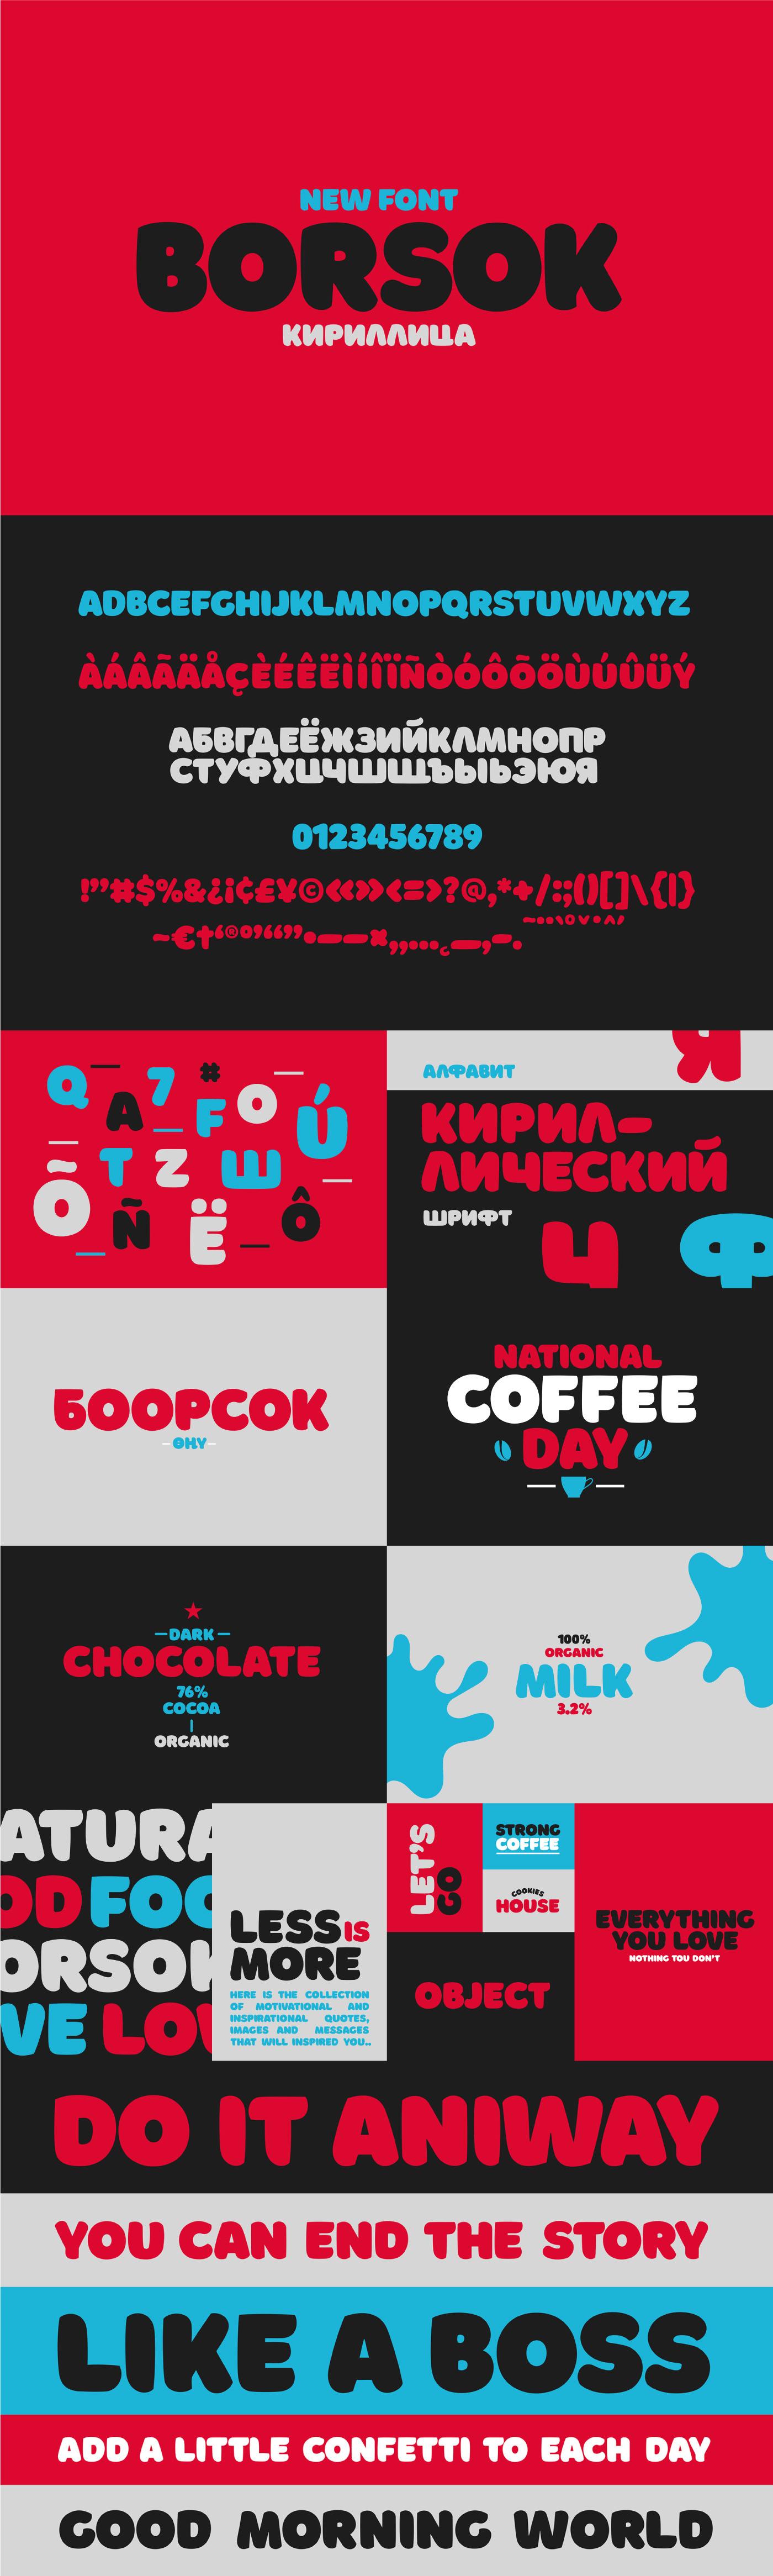 like-borosk